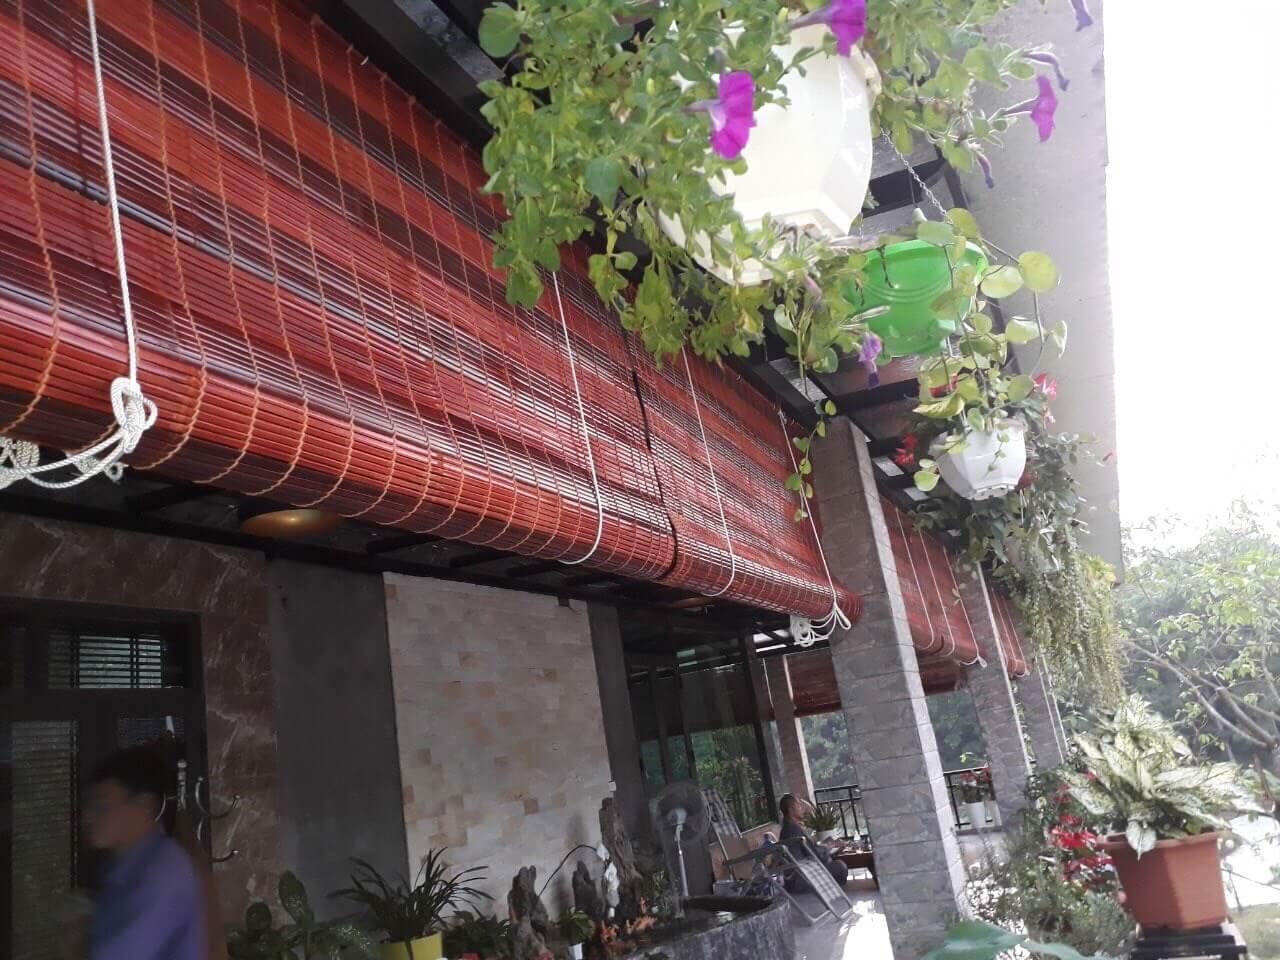 Rèm tre trúc nan nhỏ thường được che nắng mái hiên và sân nhà